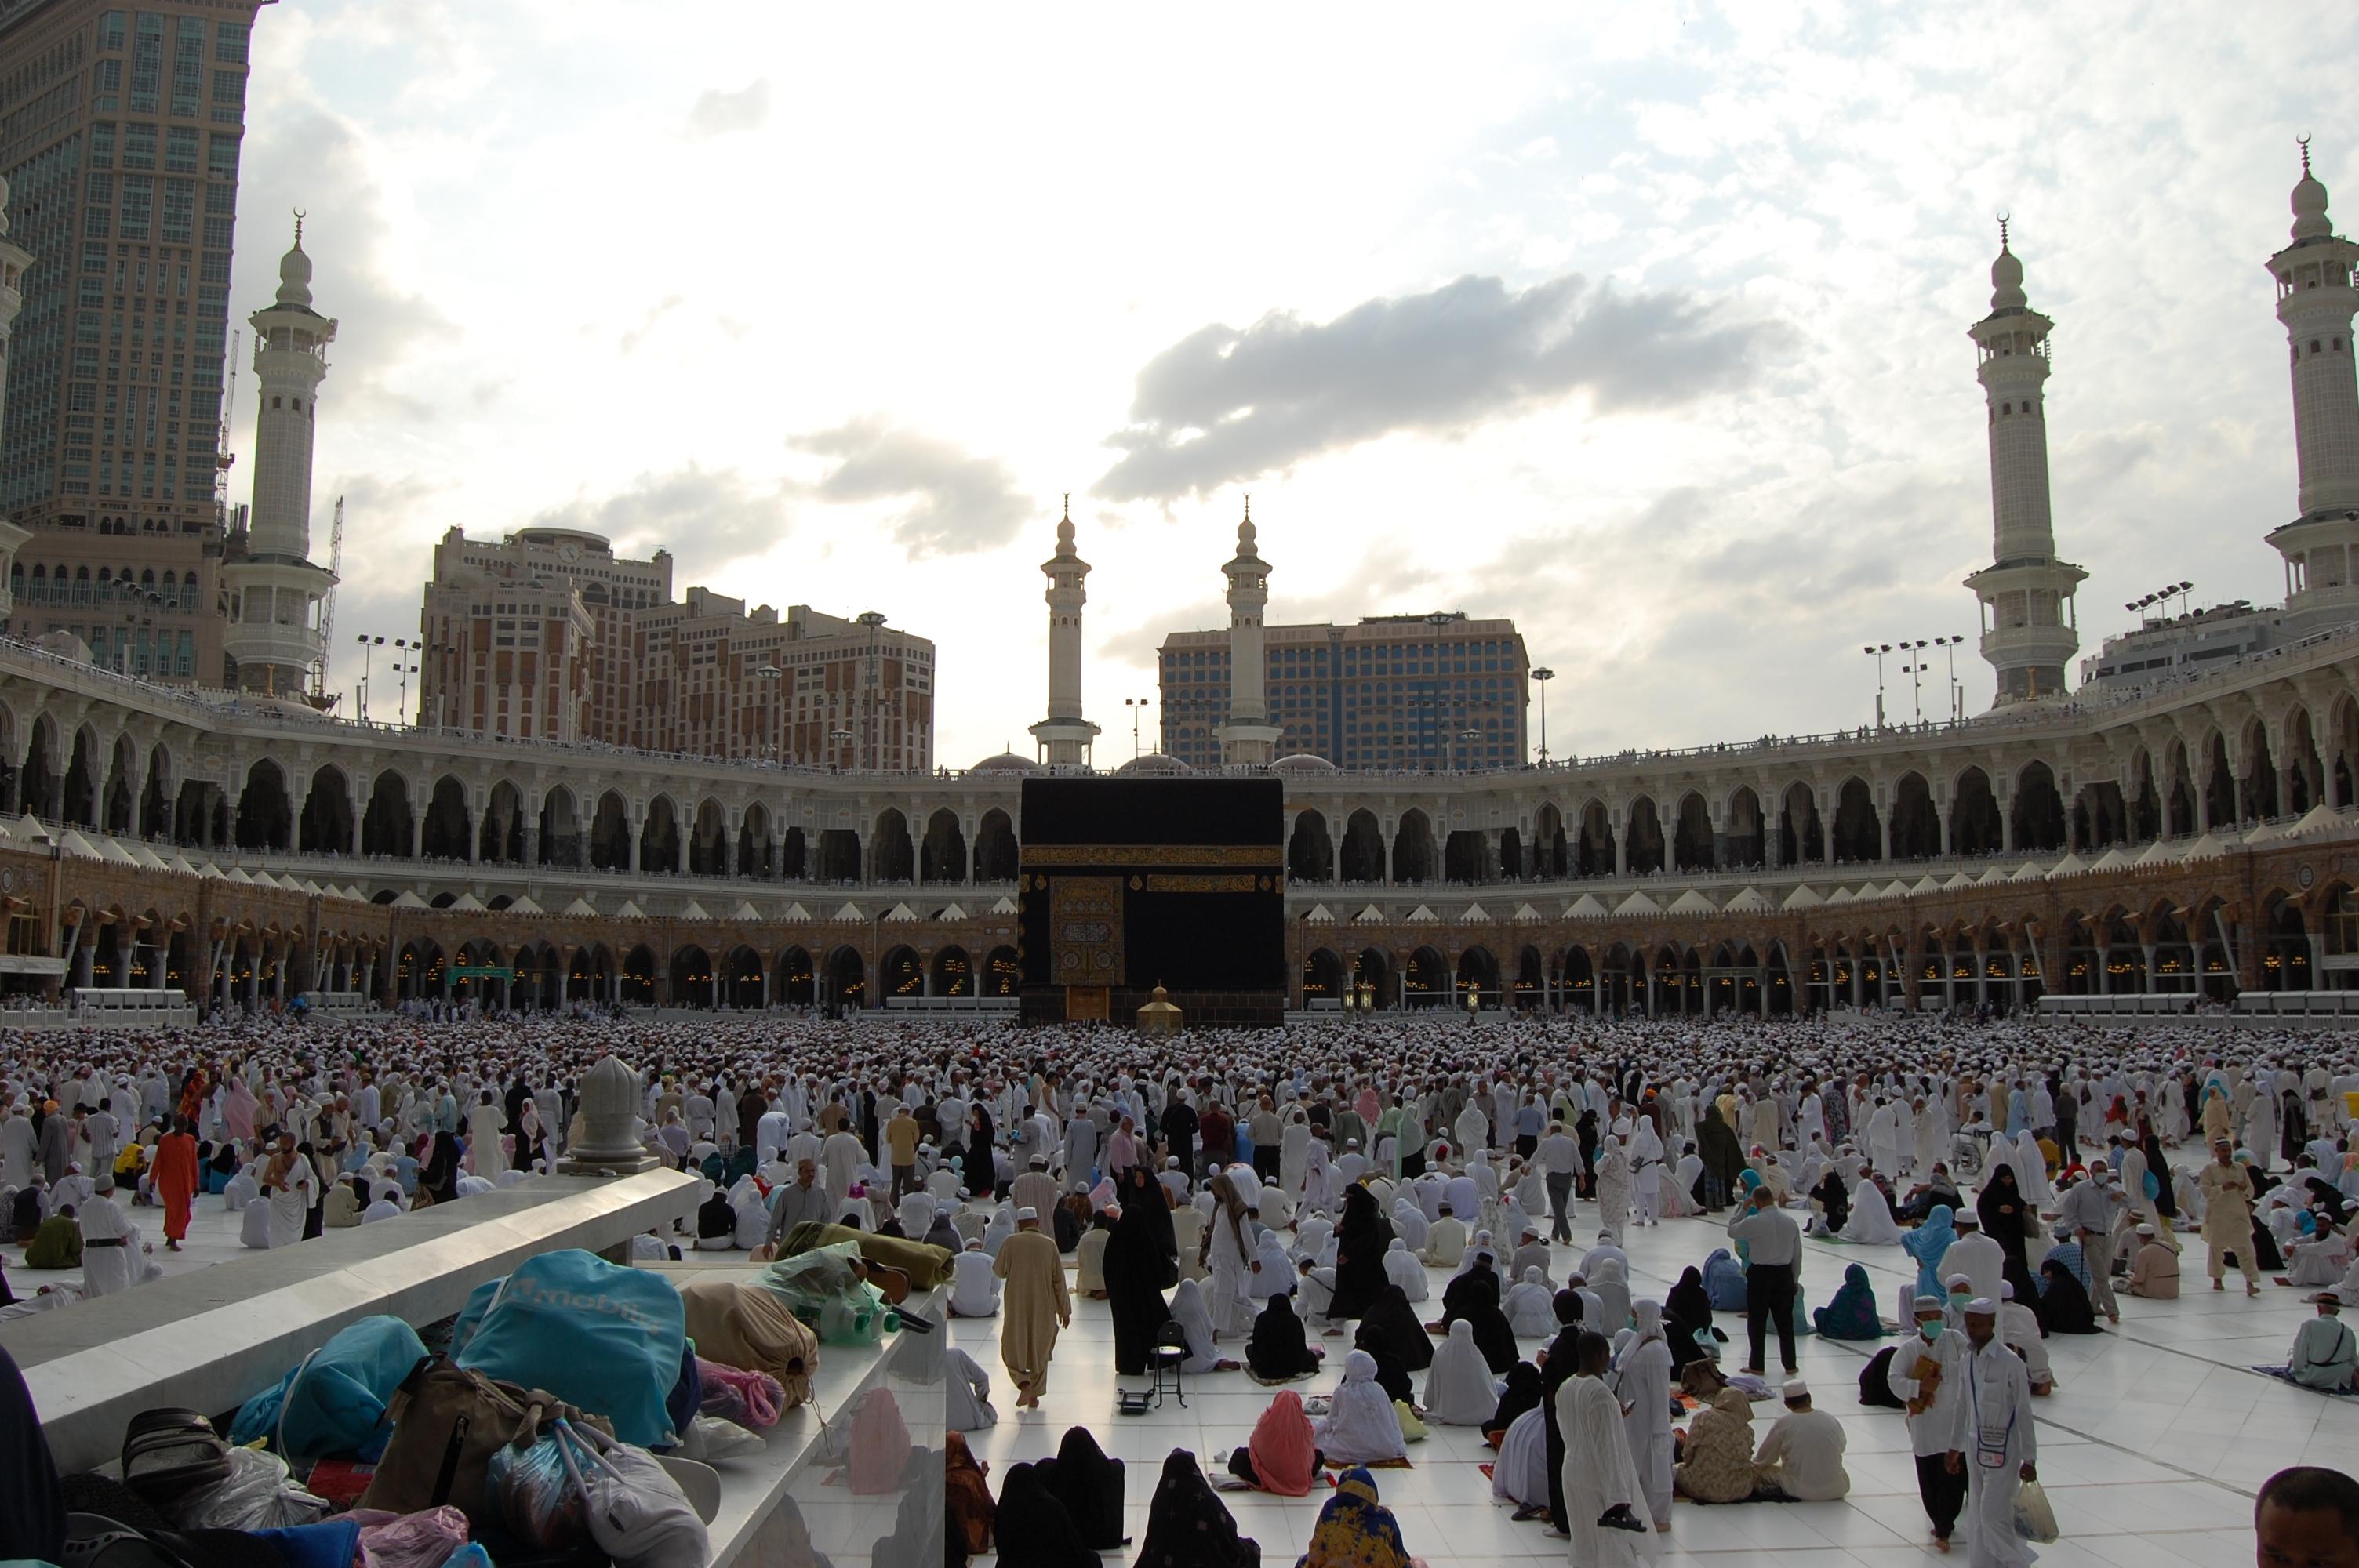 makkah-images-5-1308405